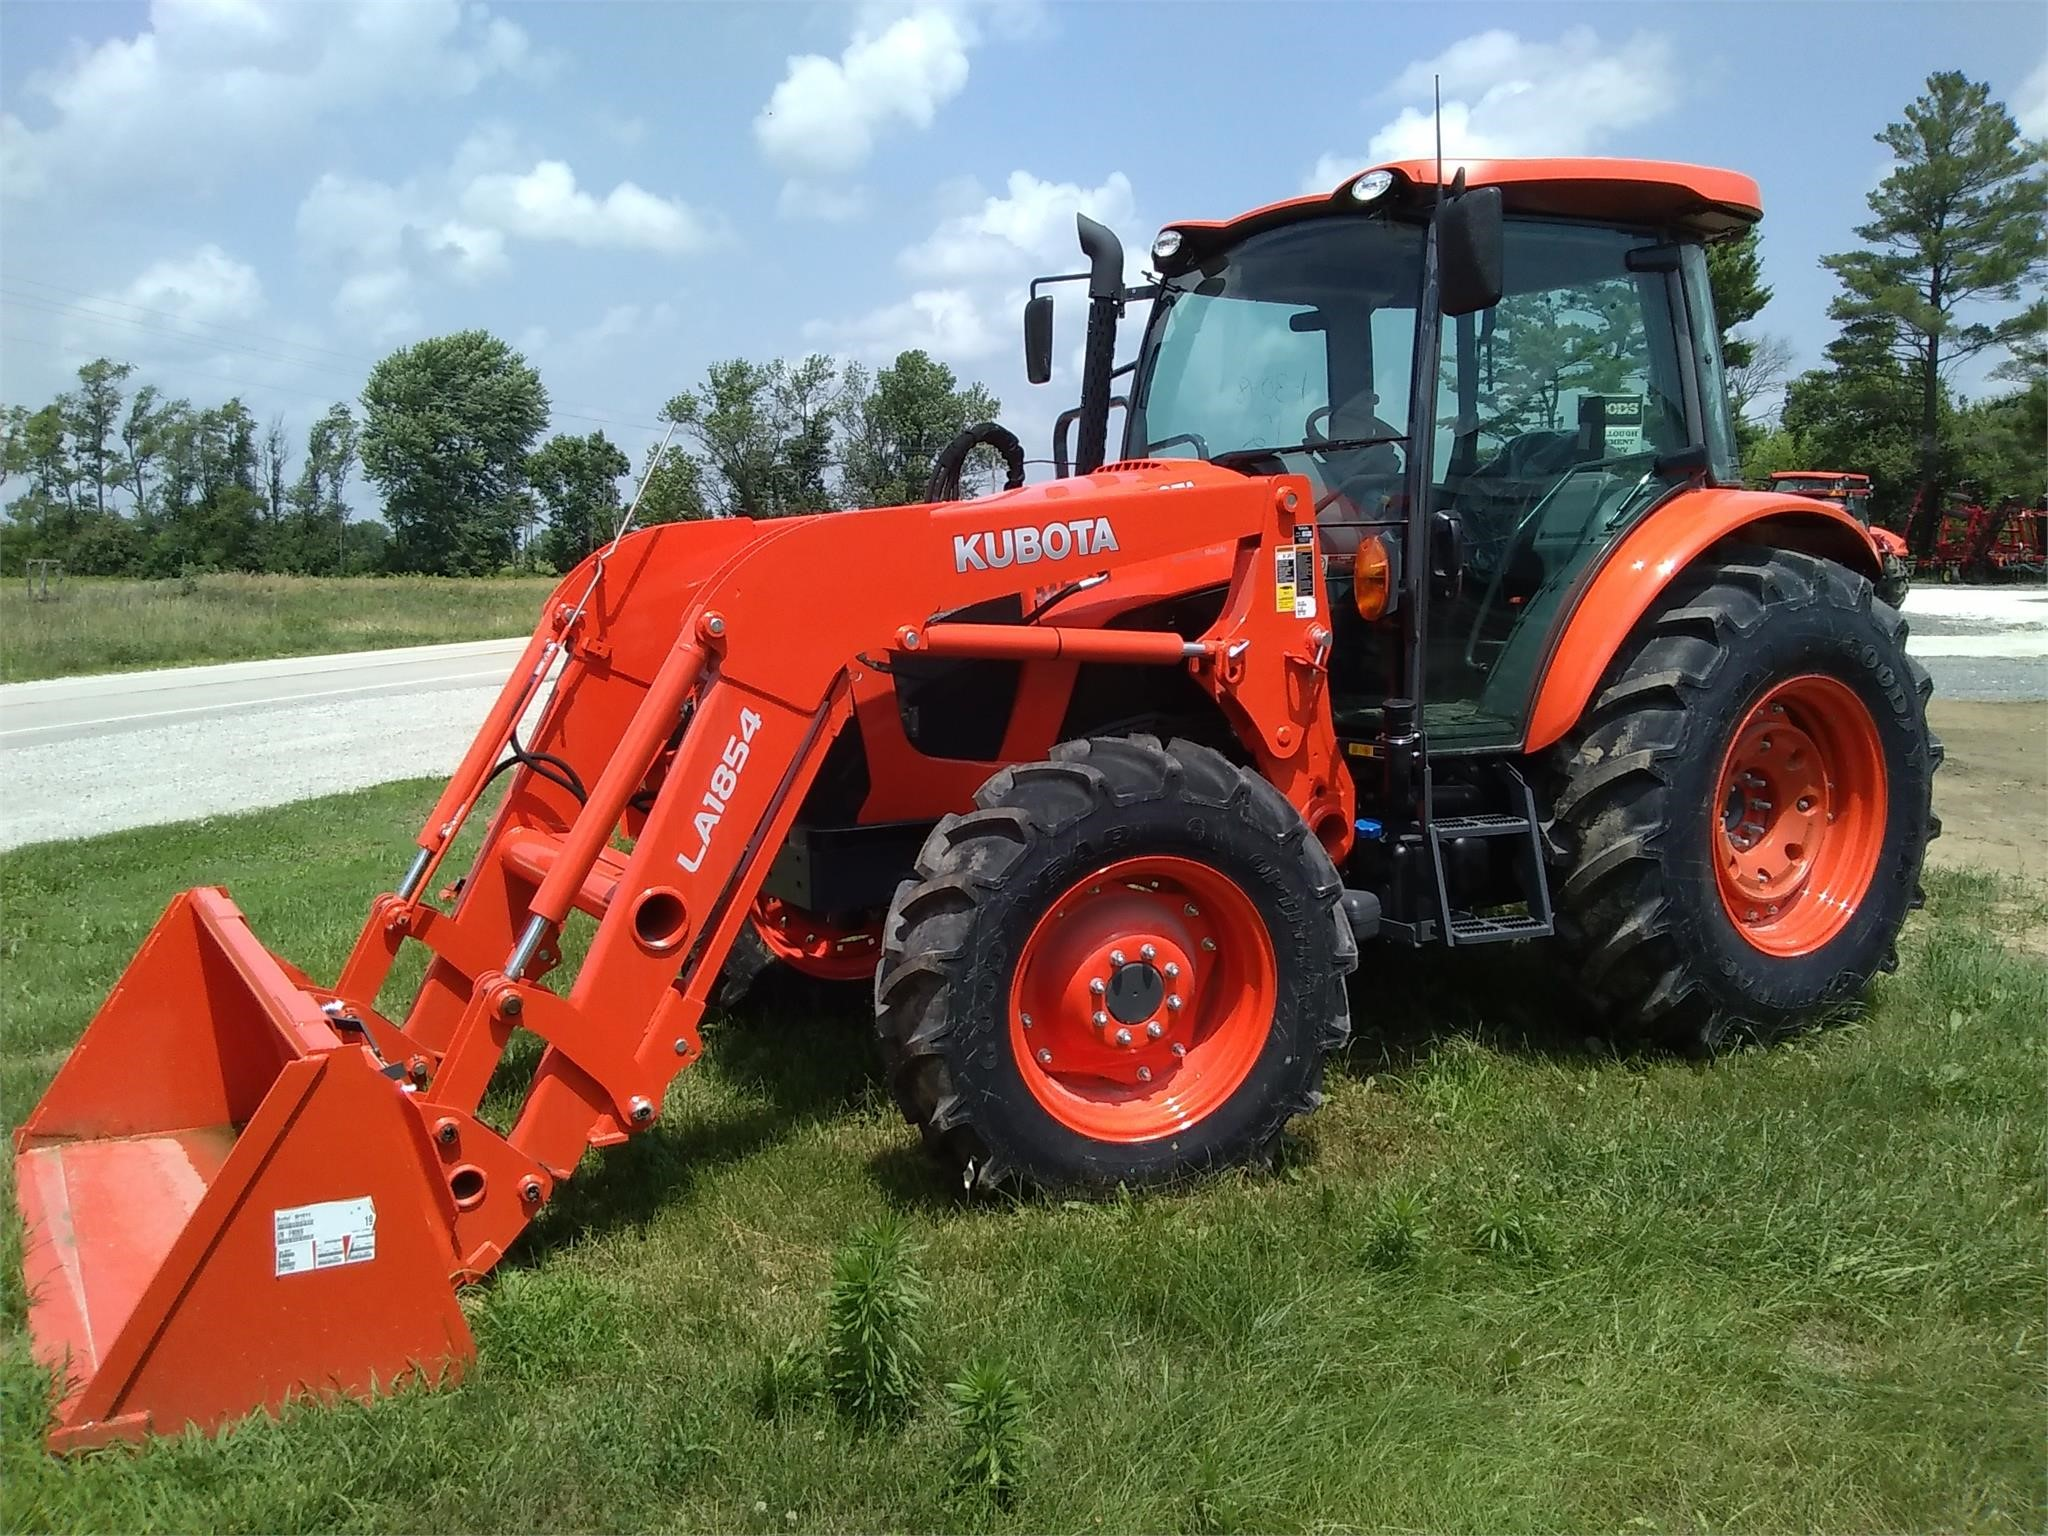 Kubota M5-111 Tractor